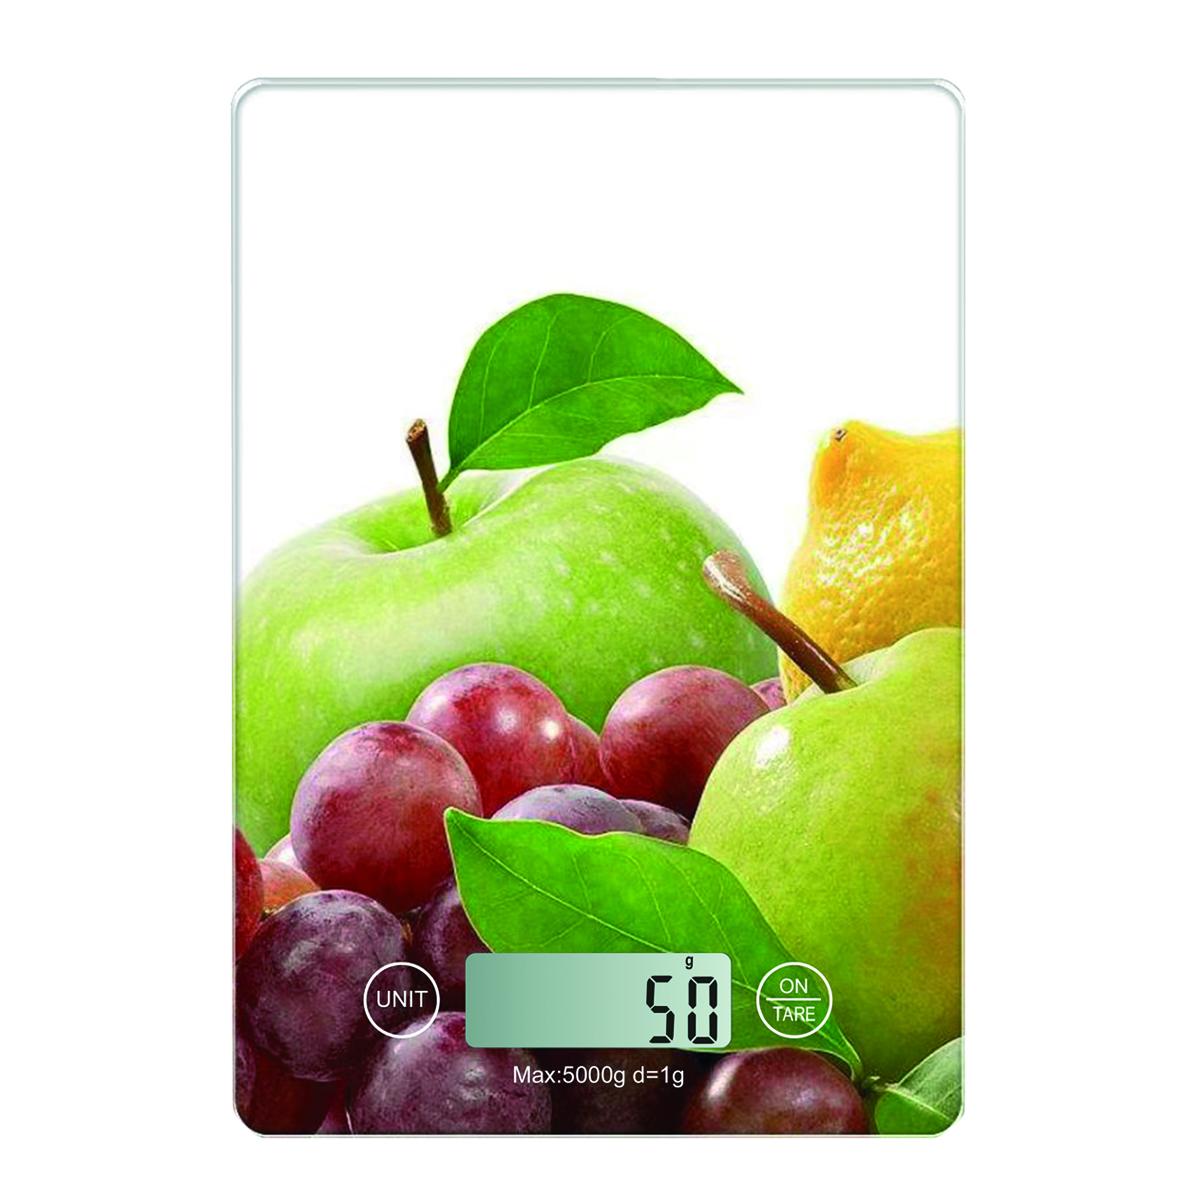 Keukenweegschaal - fruit -, 2x AAA (niet inbegrepen), max 5kg, nauwkeurigheid: 1g, auto on/off